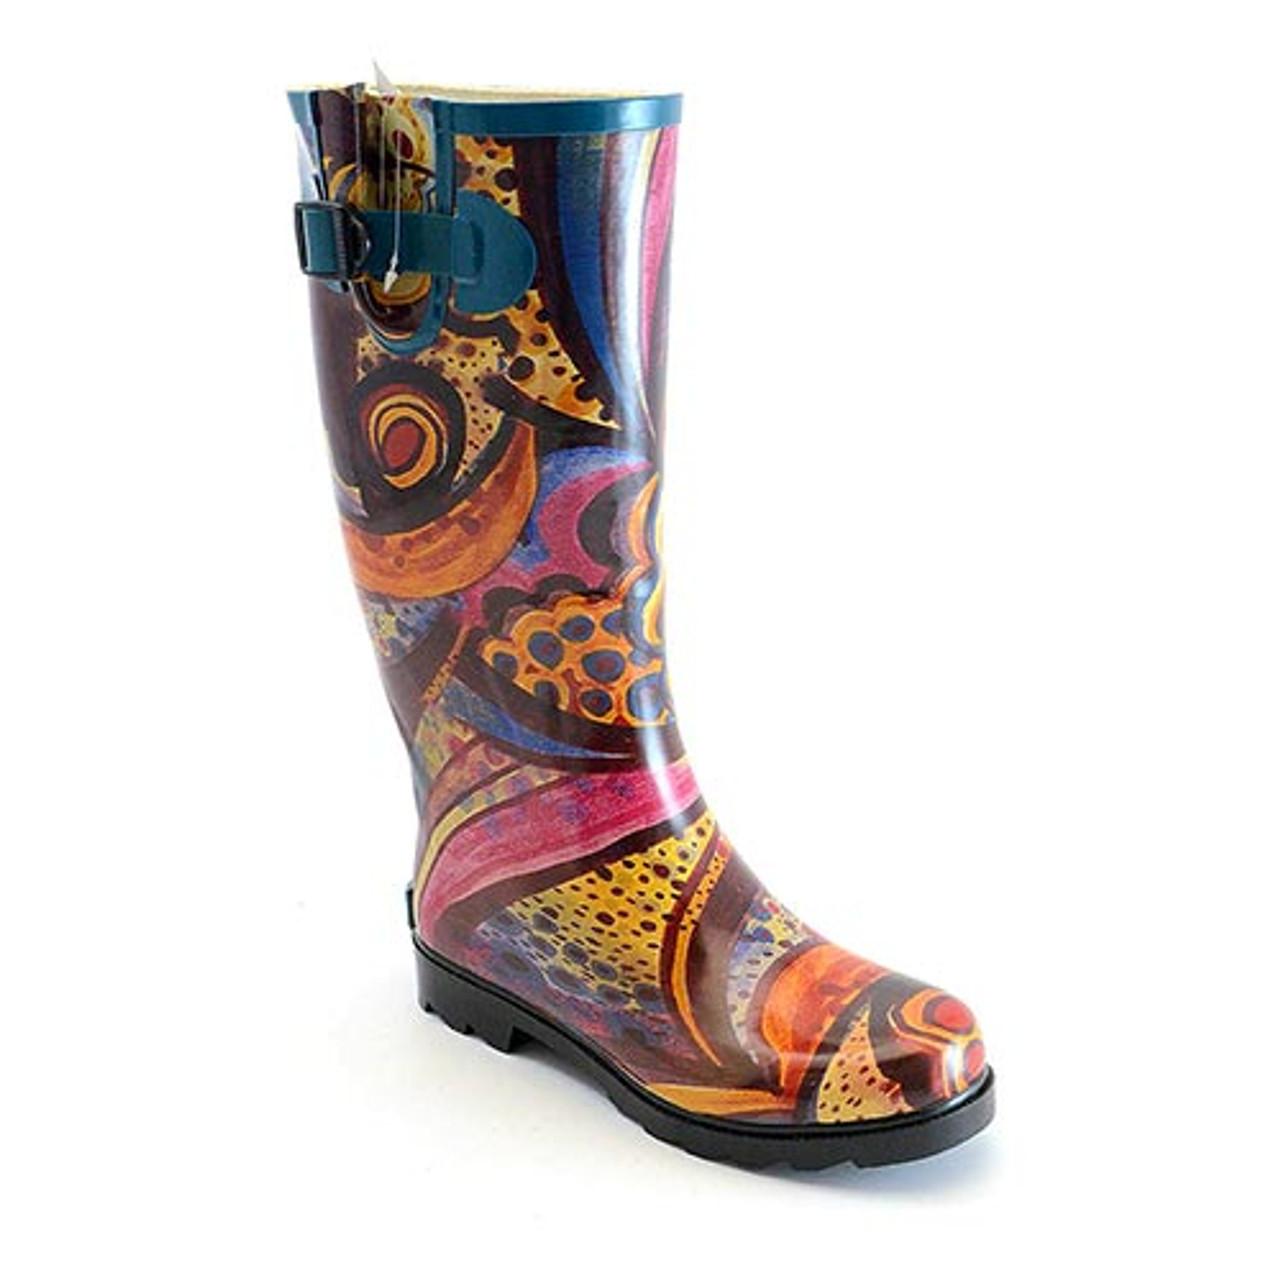 bafc26b6c23 Corky's Women's Footwear - Sunshine - Multi Swirl - Rain Boot